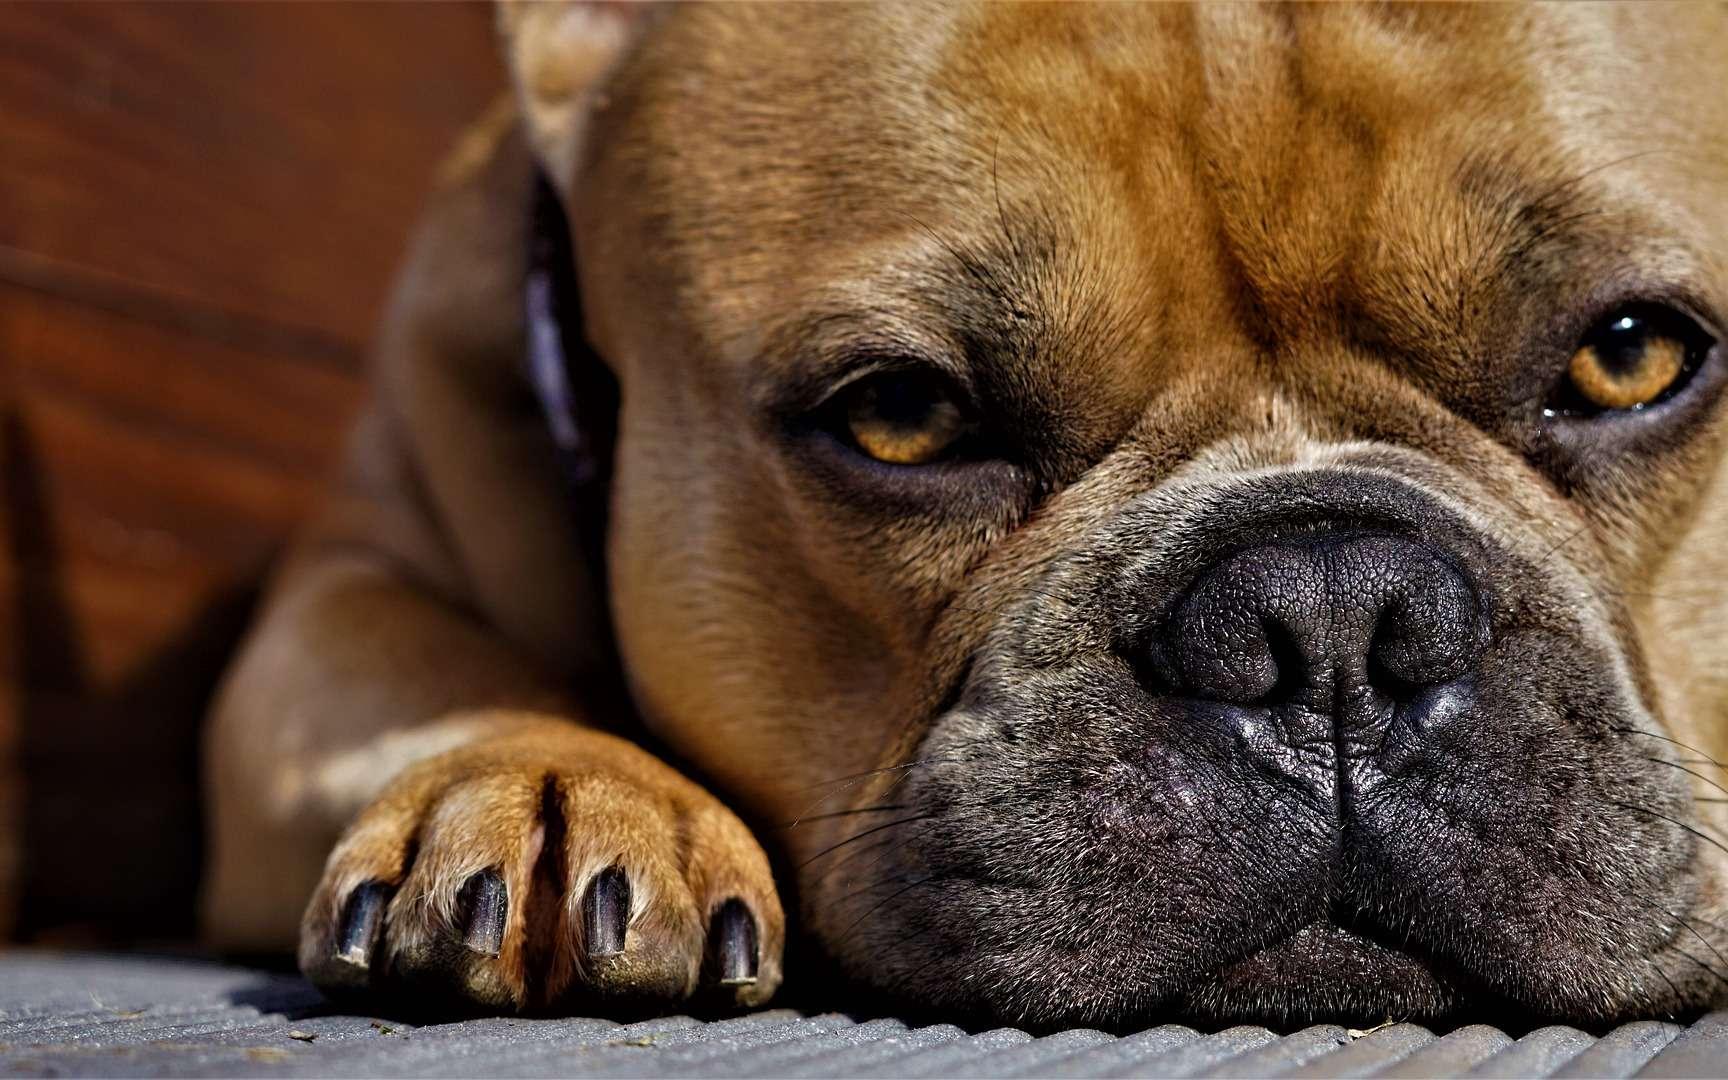 Le bouledogue a 14 fois plus de risque de coup de chaleur que le labrador. © Mylene2401, Pixabay